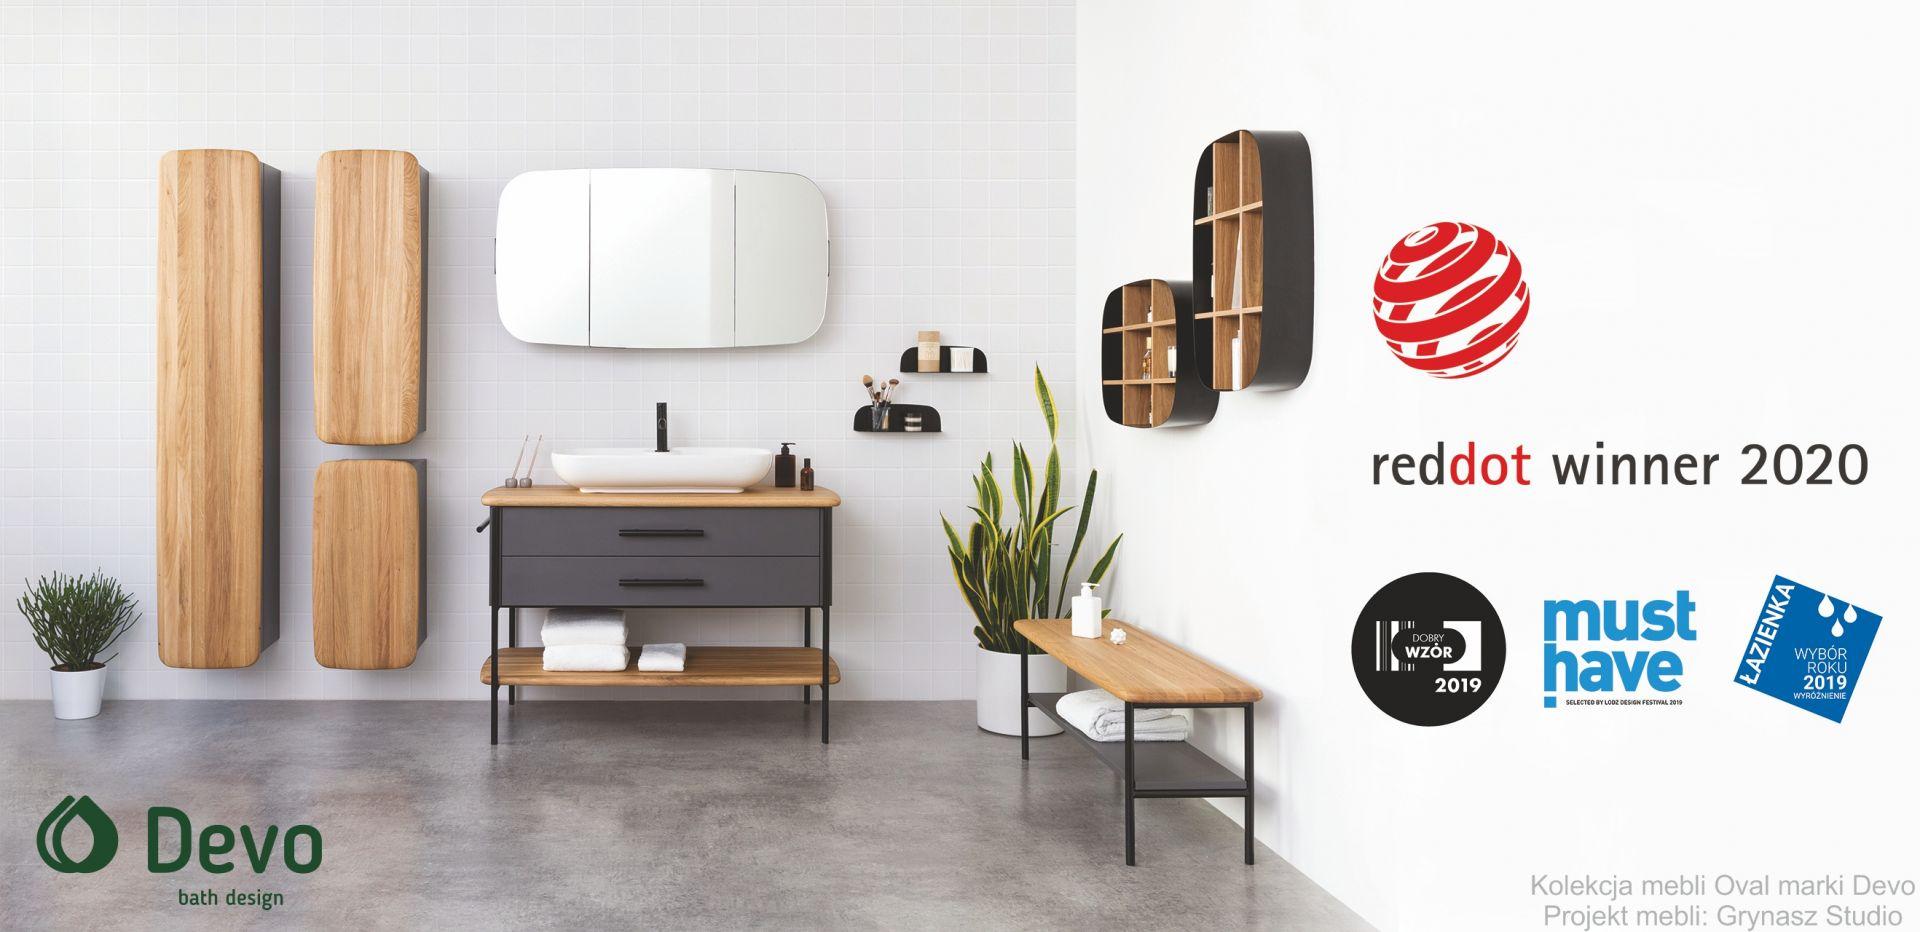 Red Dot 2020 dla polskiej kolekcji Oval marki Devo.